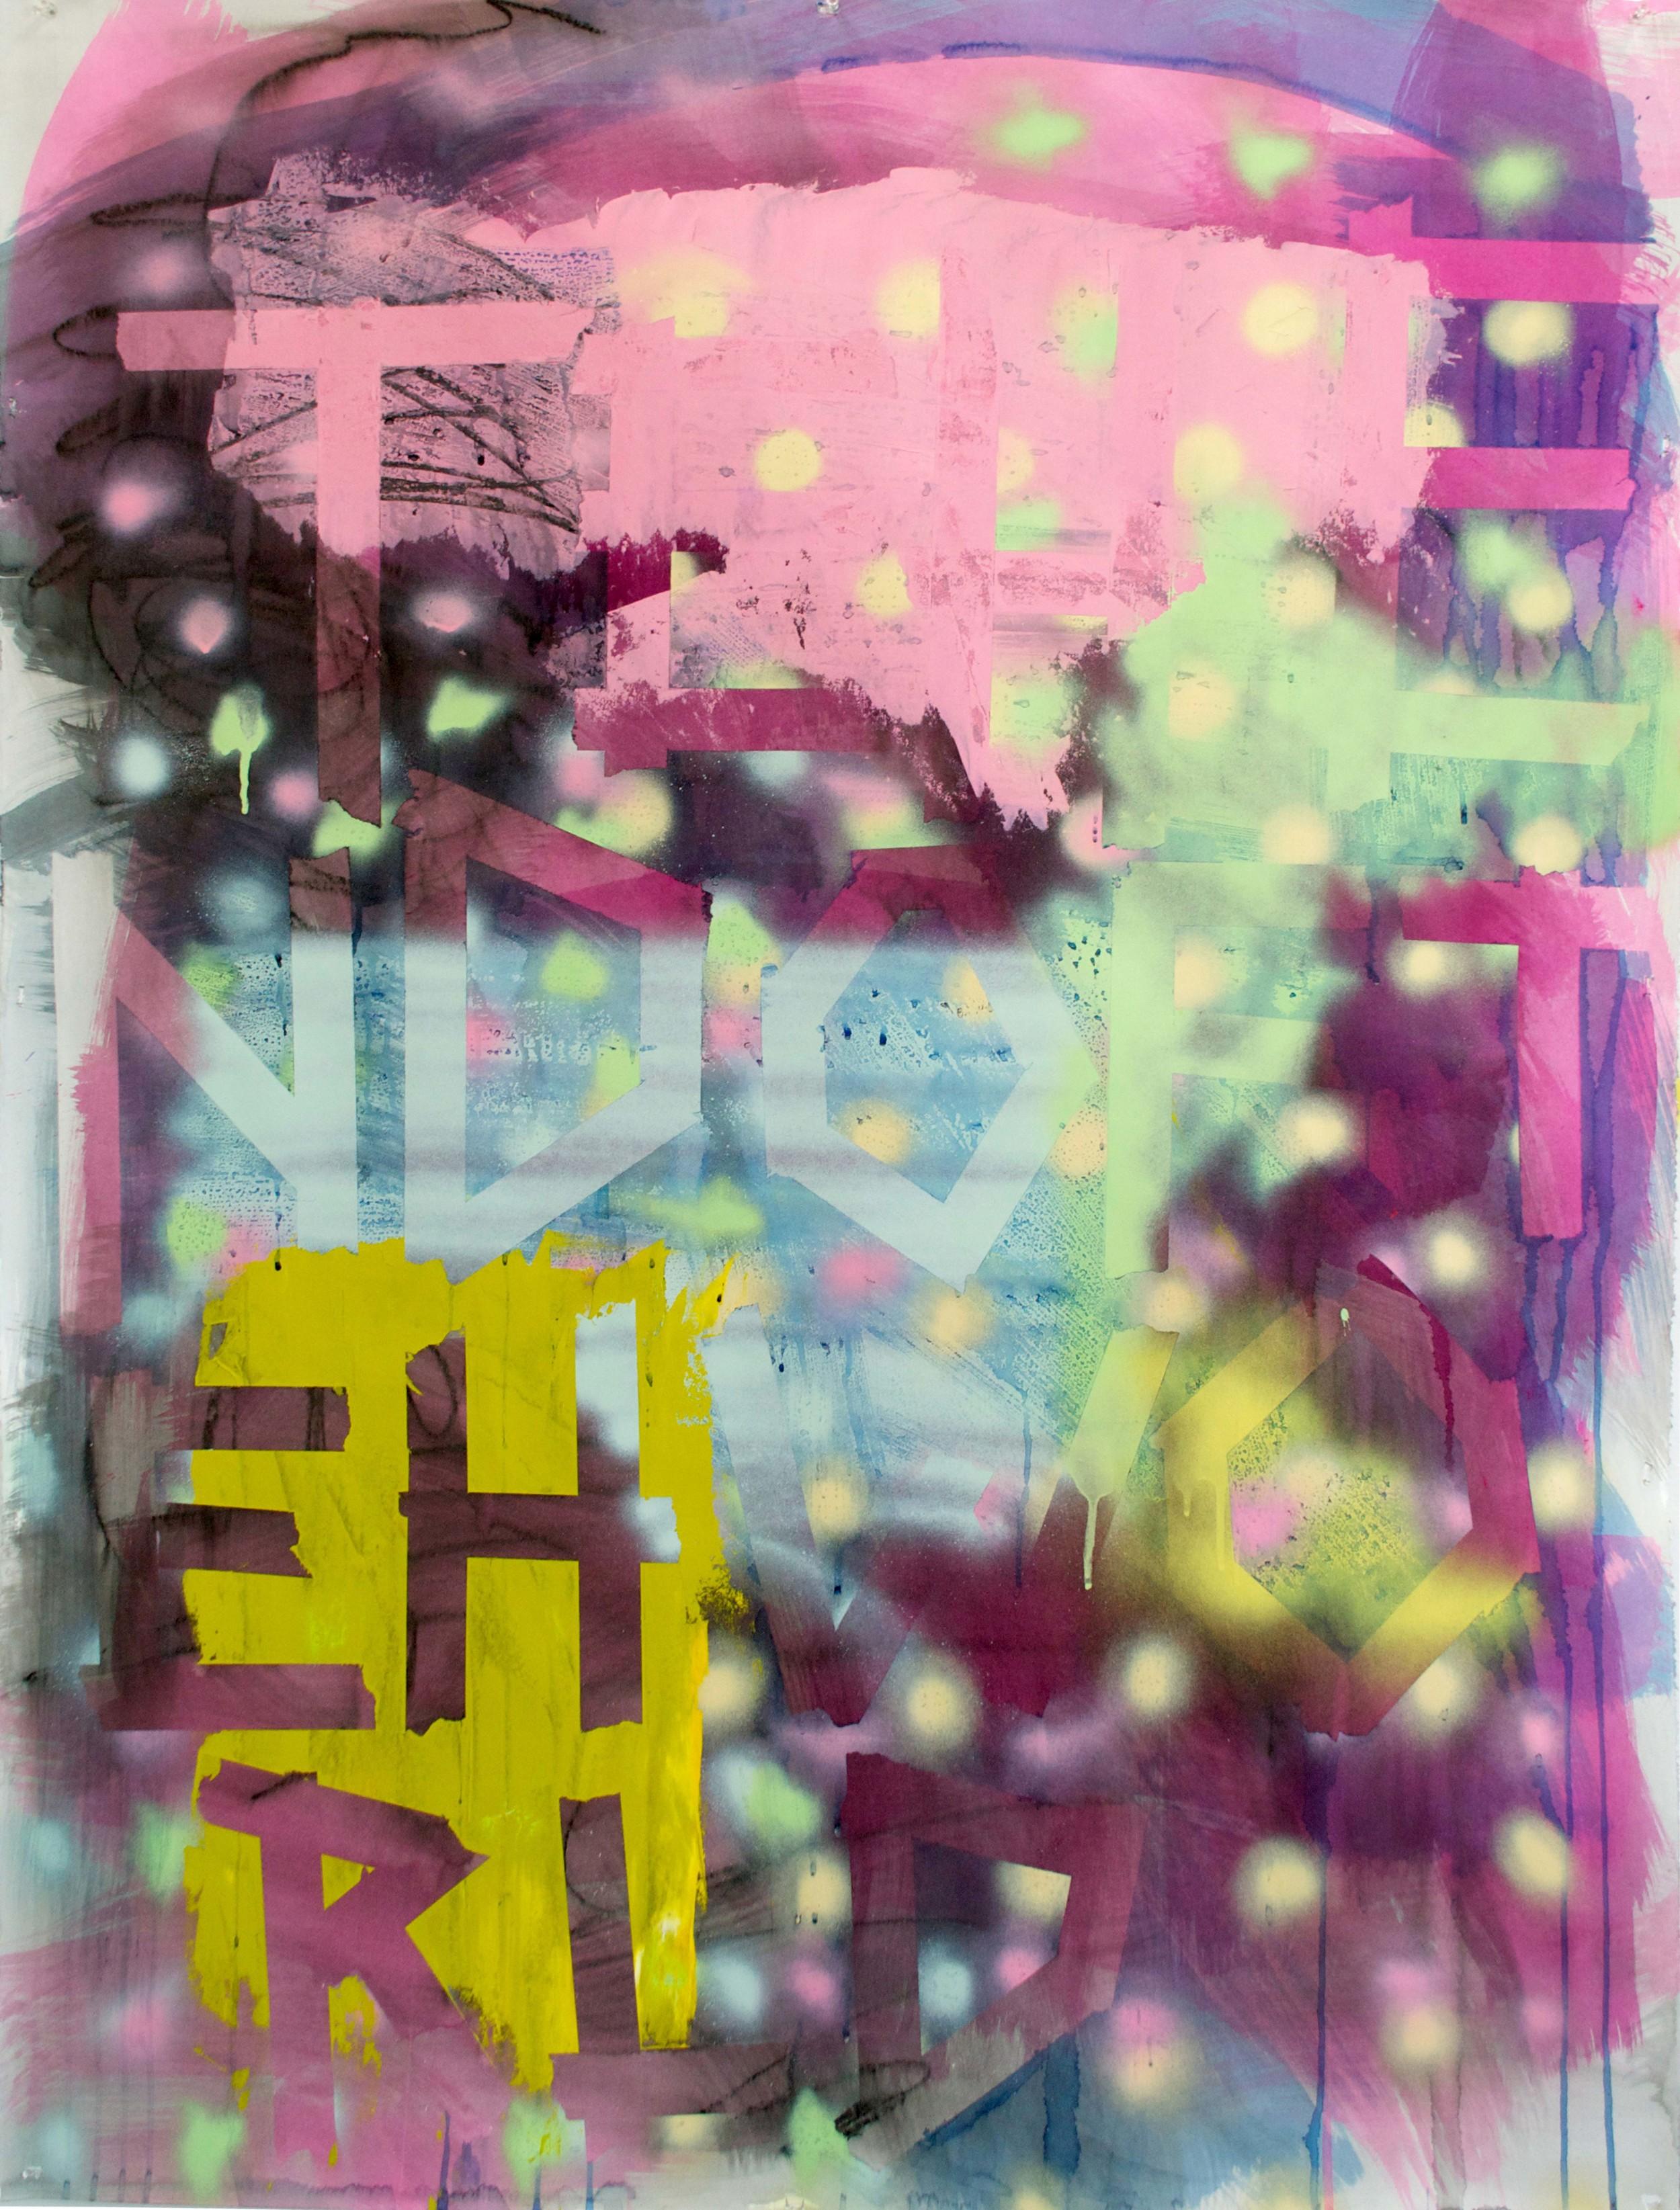 Detweiler Henry-Teh End of teh World.jpg